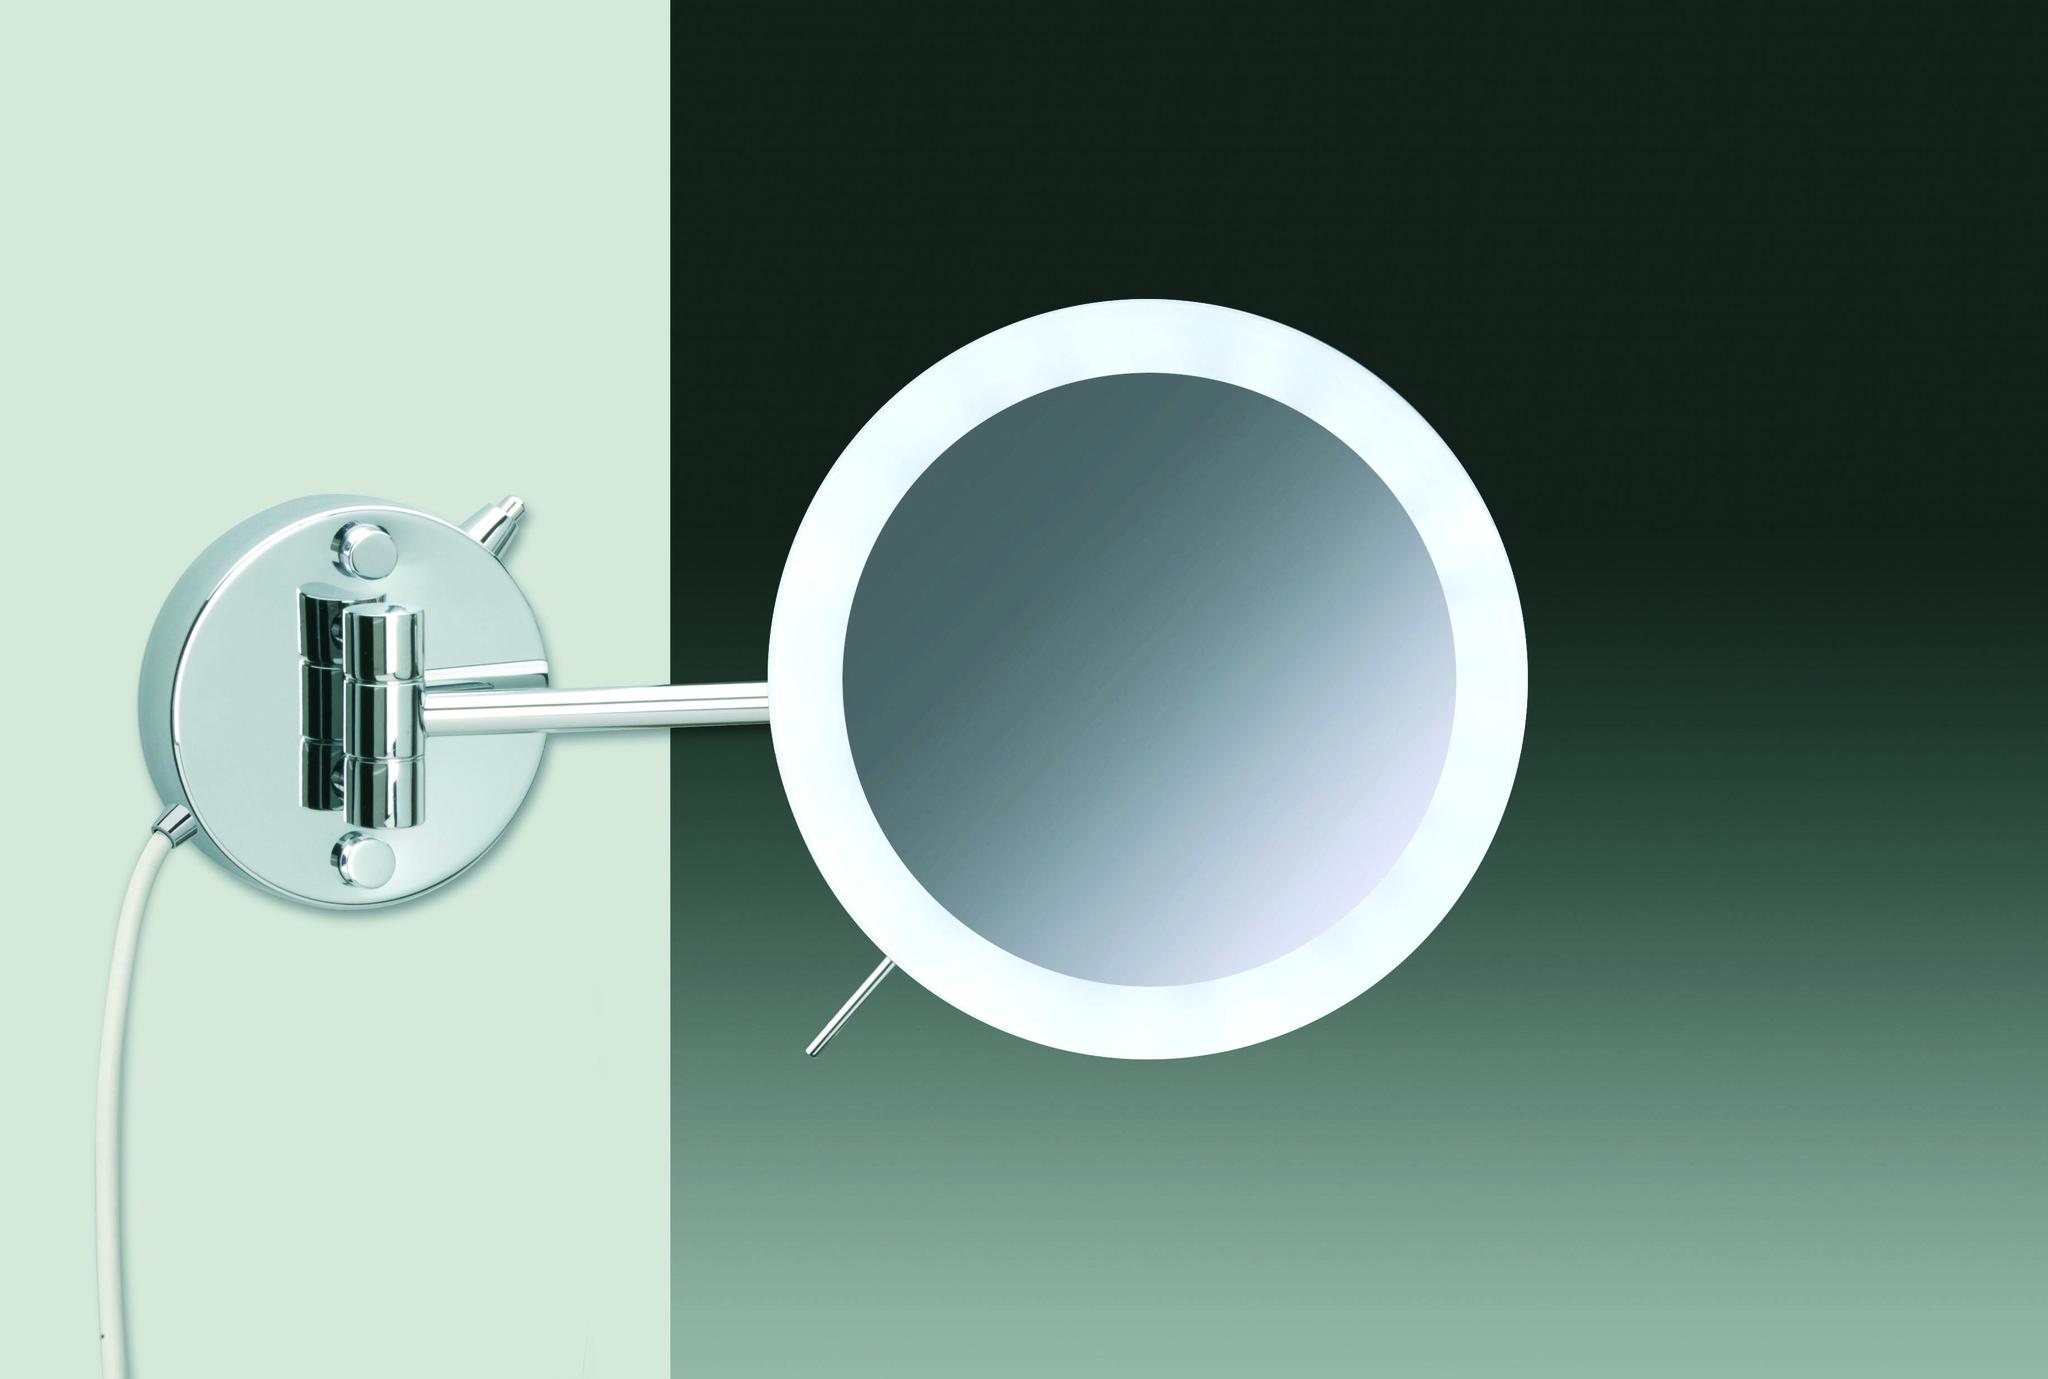 Зеркала Зеркало косметическое Windisch 99654/1CR 5XD elitnoe-zerkalo-kosmeticheskoe-996541-ot-windisch-ispaniya.jpg